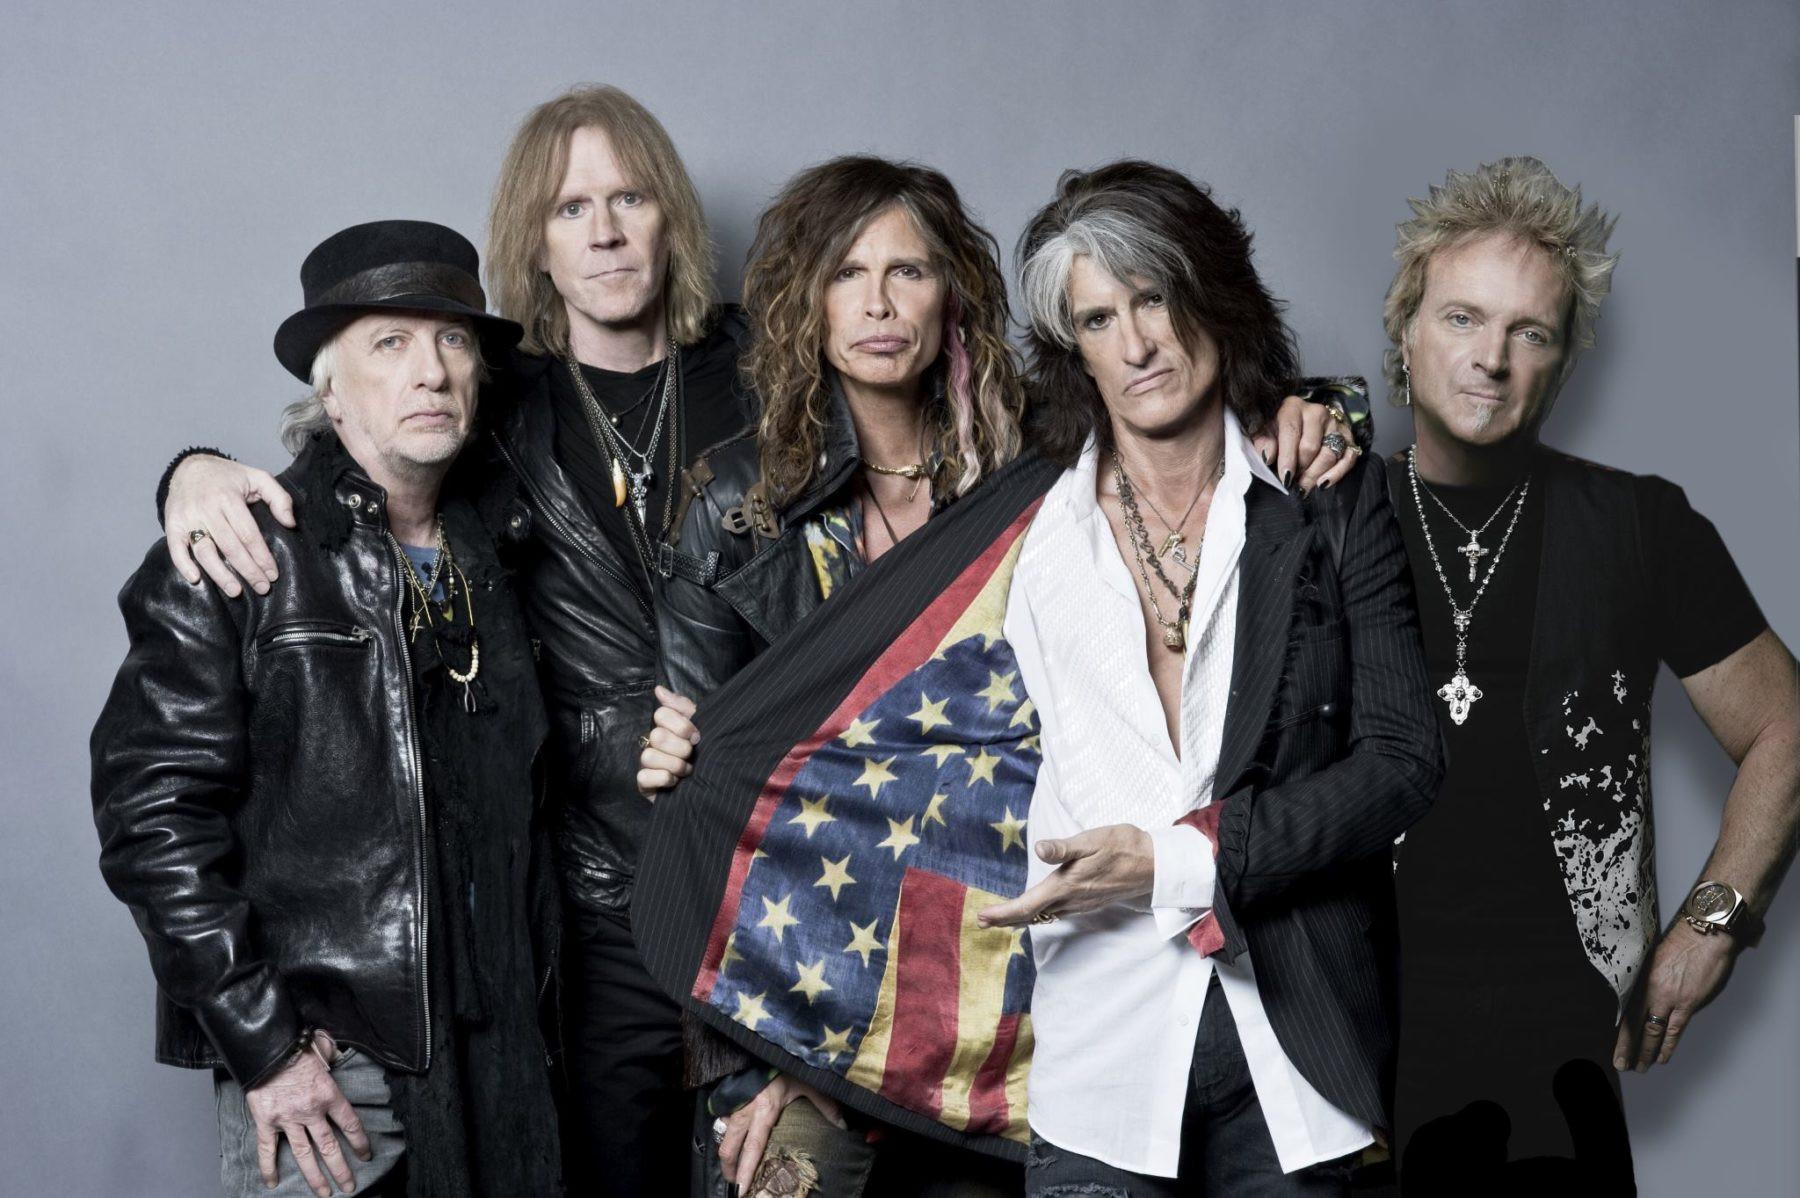 Рок-группа Aerosmith даст прощальный концерт в столицеРФ